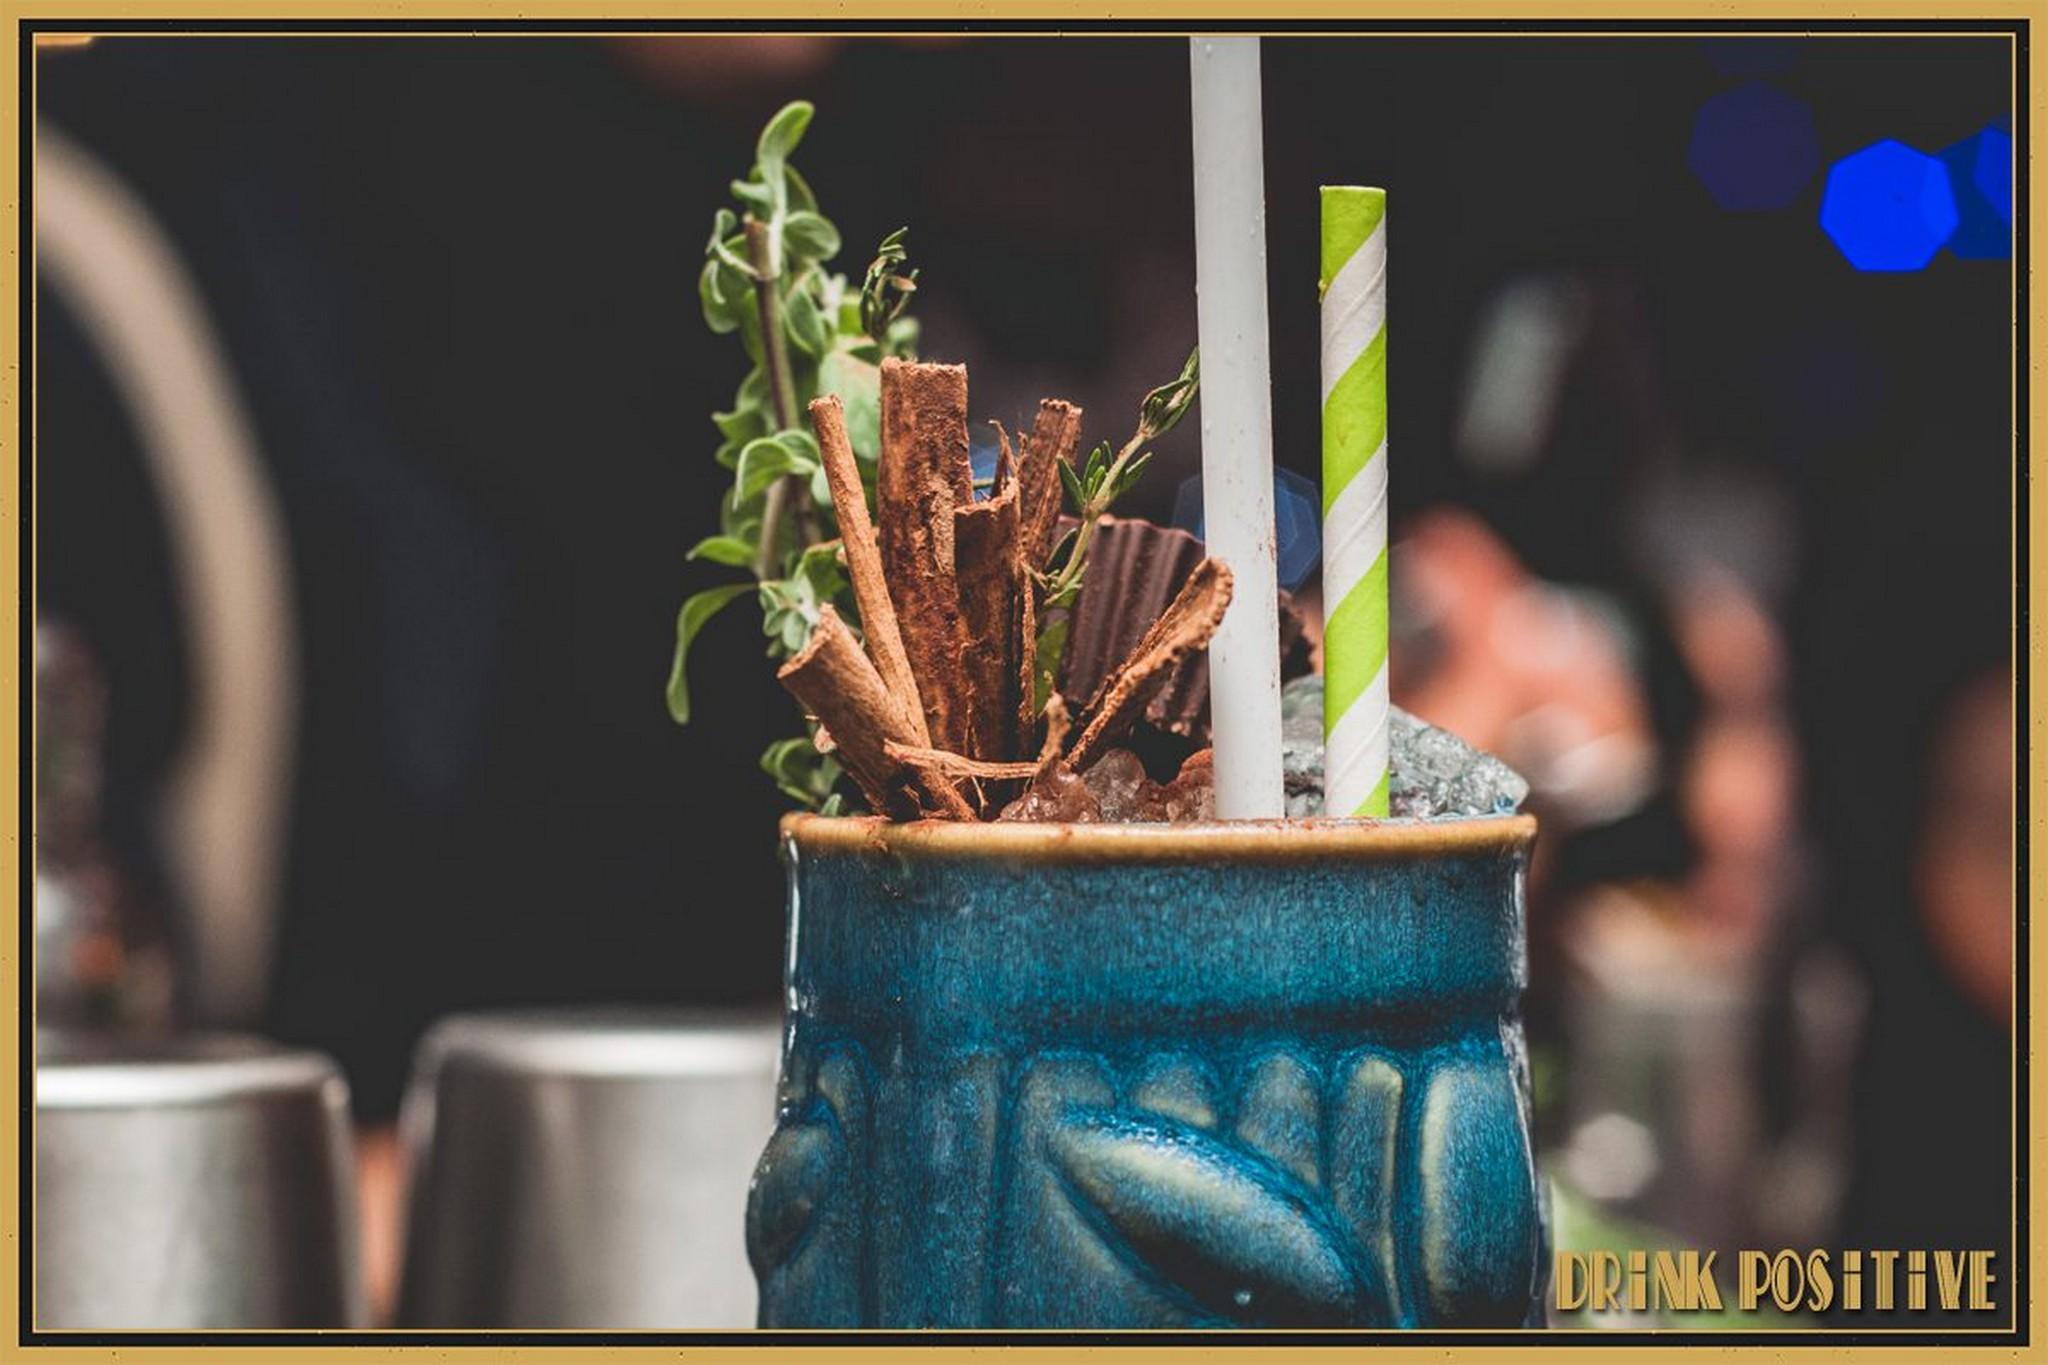 fabio_camboni_Gaeta_Drink_Positive_consulenze__apertura_locali_corsi_barman_129